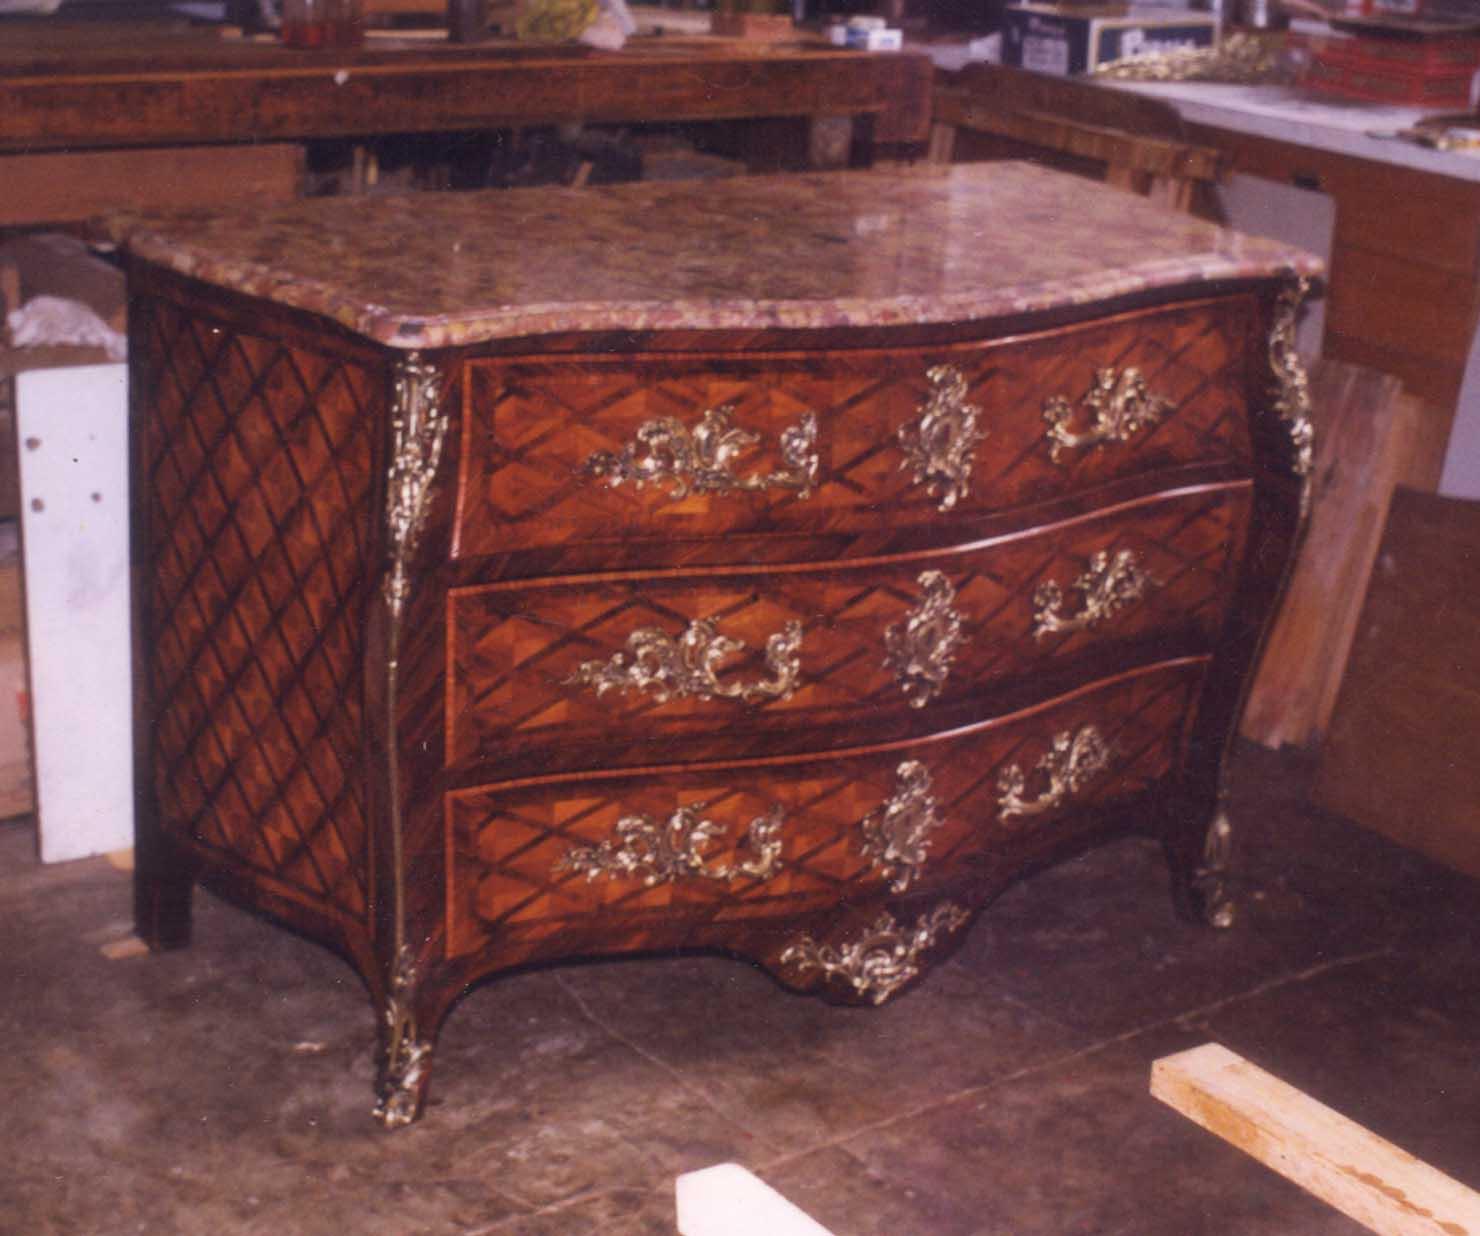 restauration et reproduction de meubles anciens